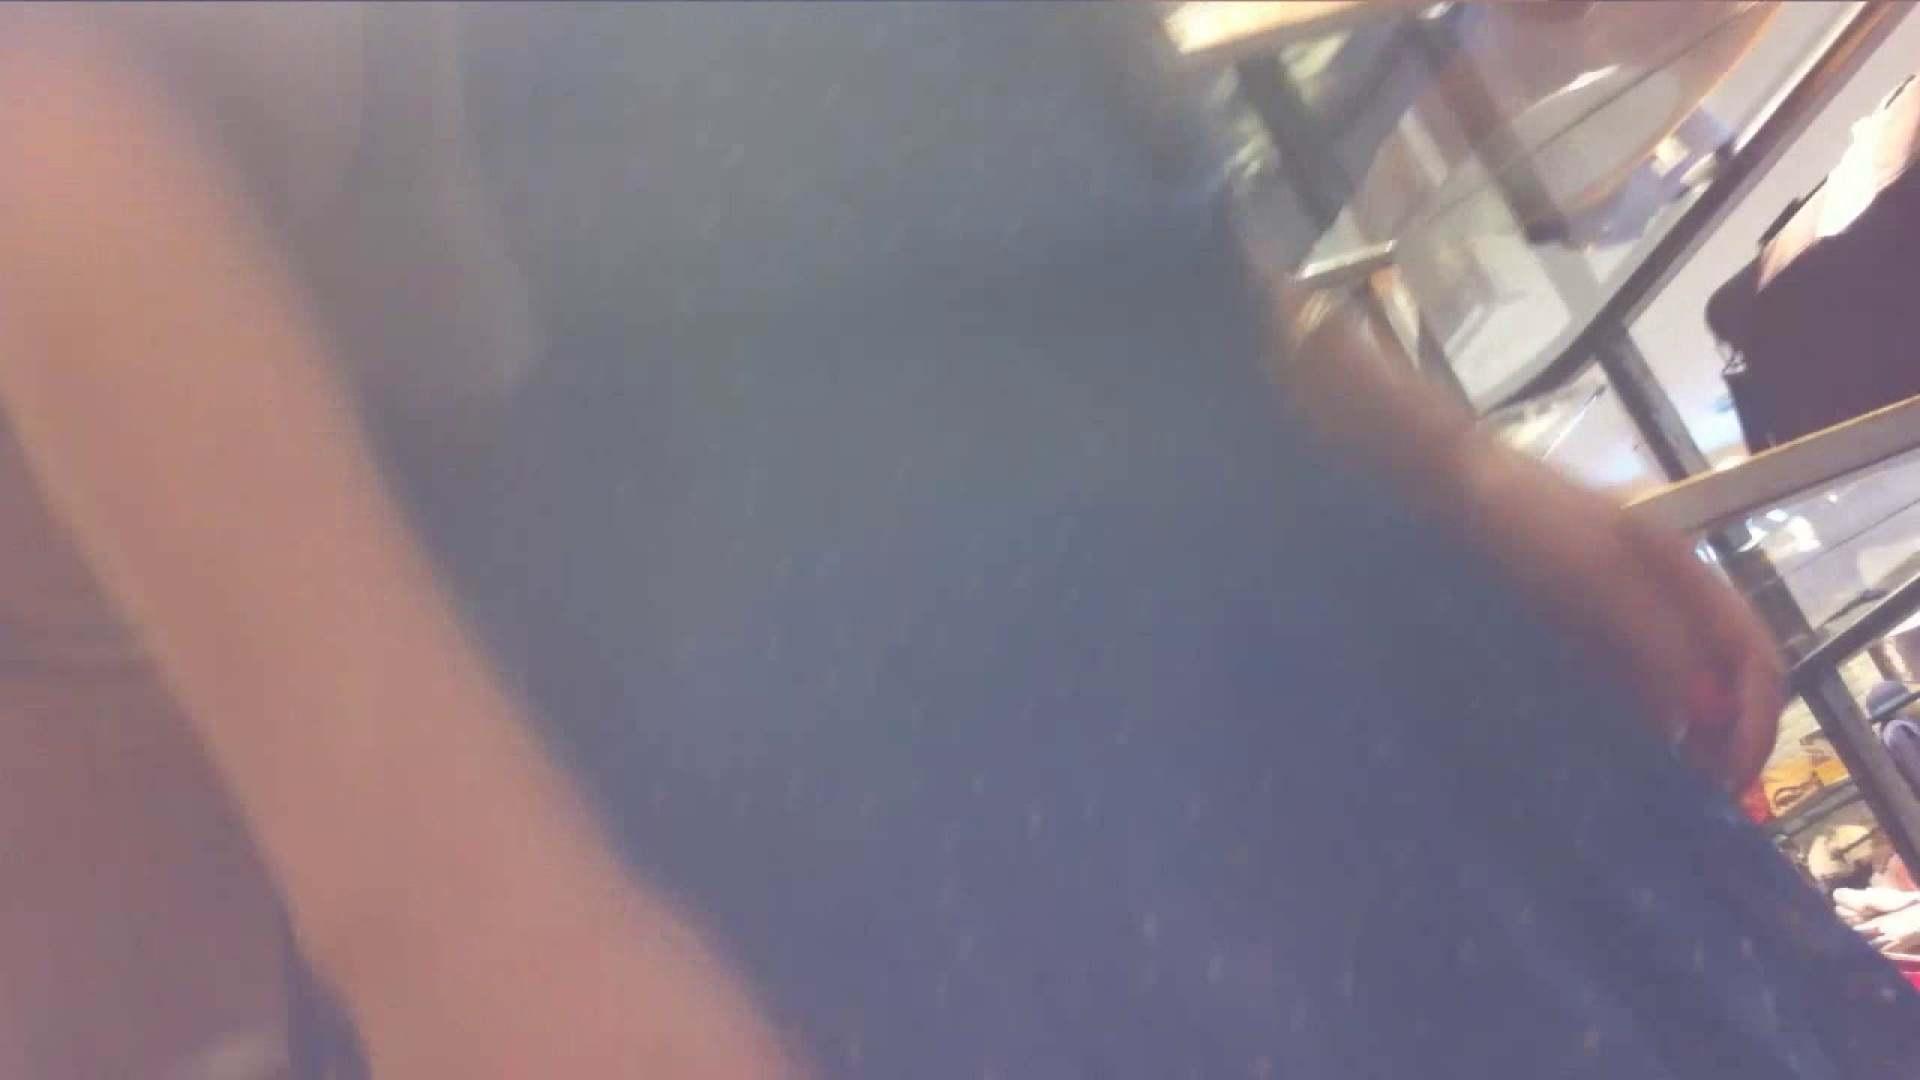 vol.34 美人アパレル胸チラ&パンチラ メガネ属性っていいよね♥ おまんこ 盗撮動画紹介 104pic 41